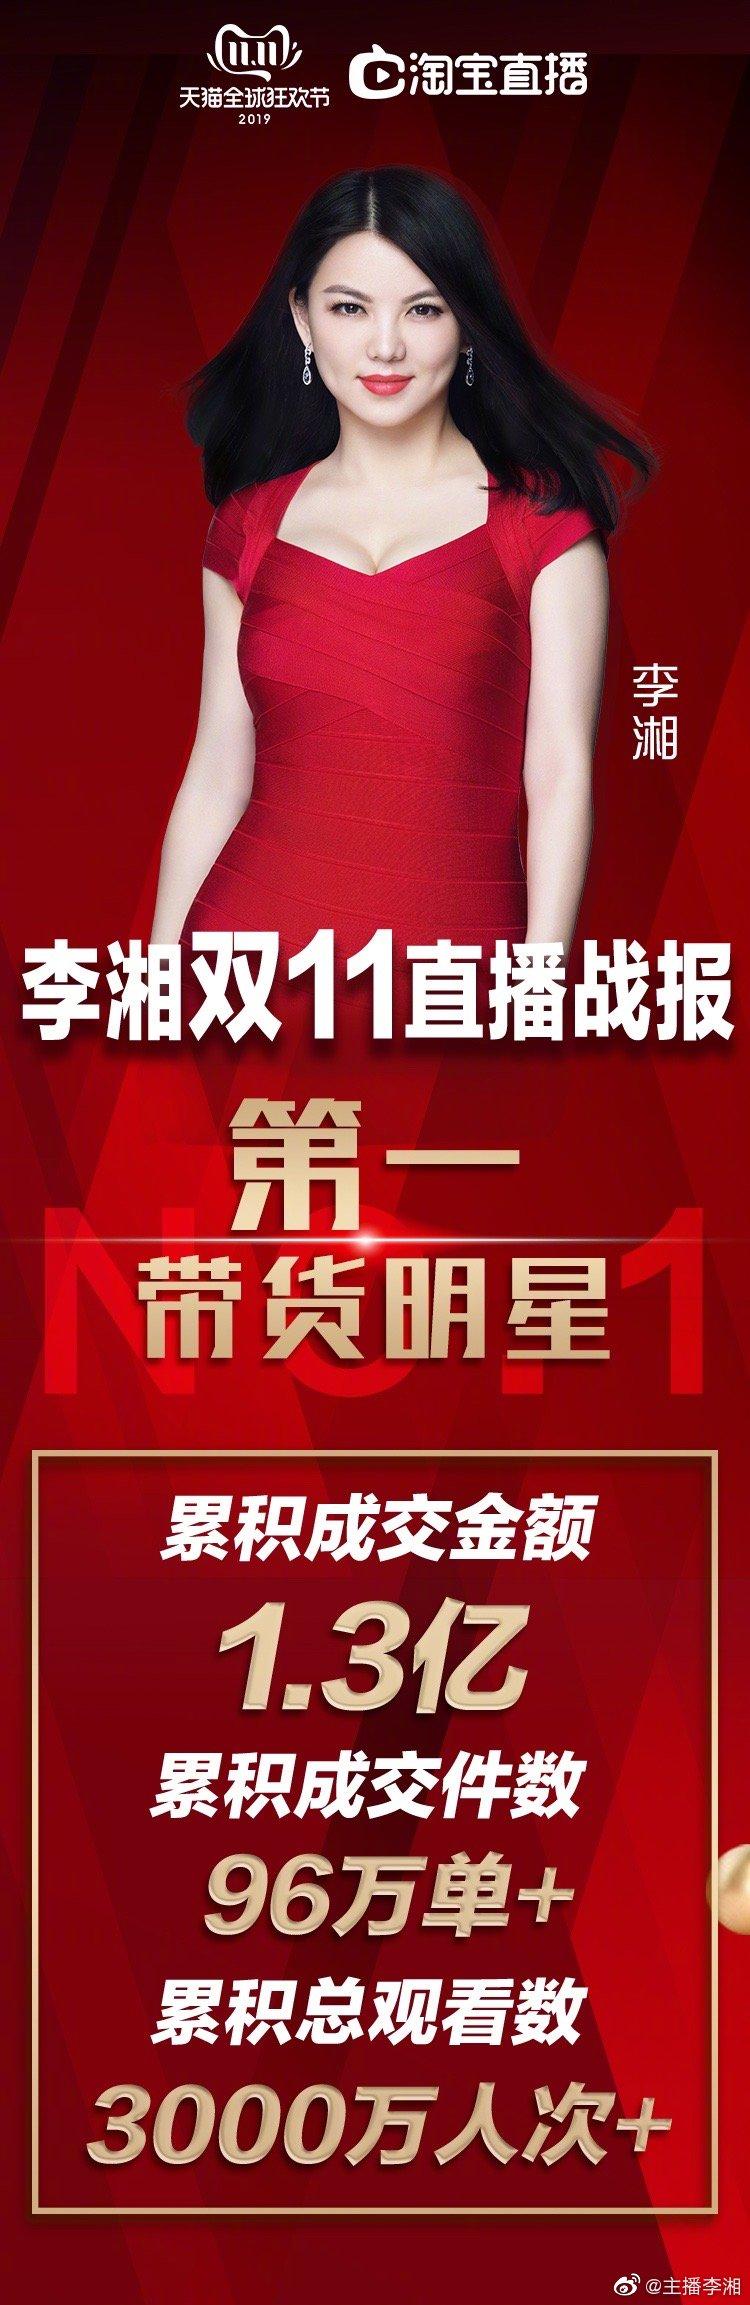 李湘双11成交1.3亿超嘚瑟,曾直播展示卫生巾